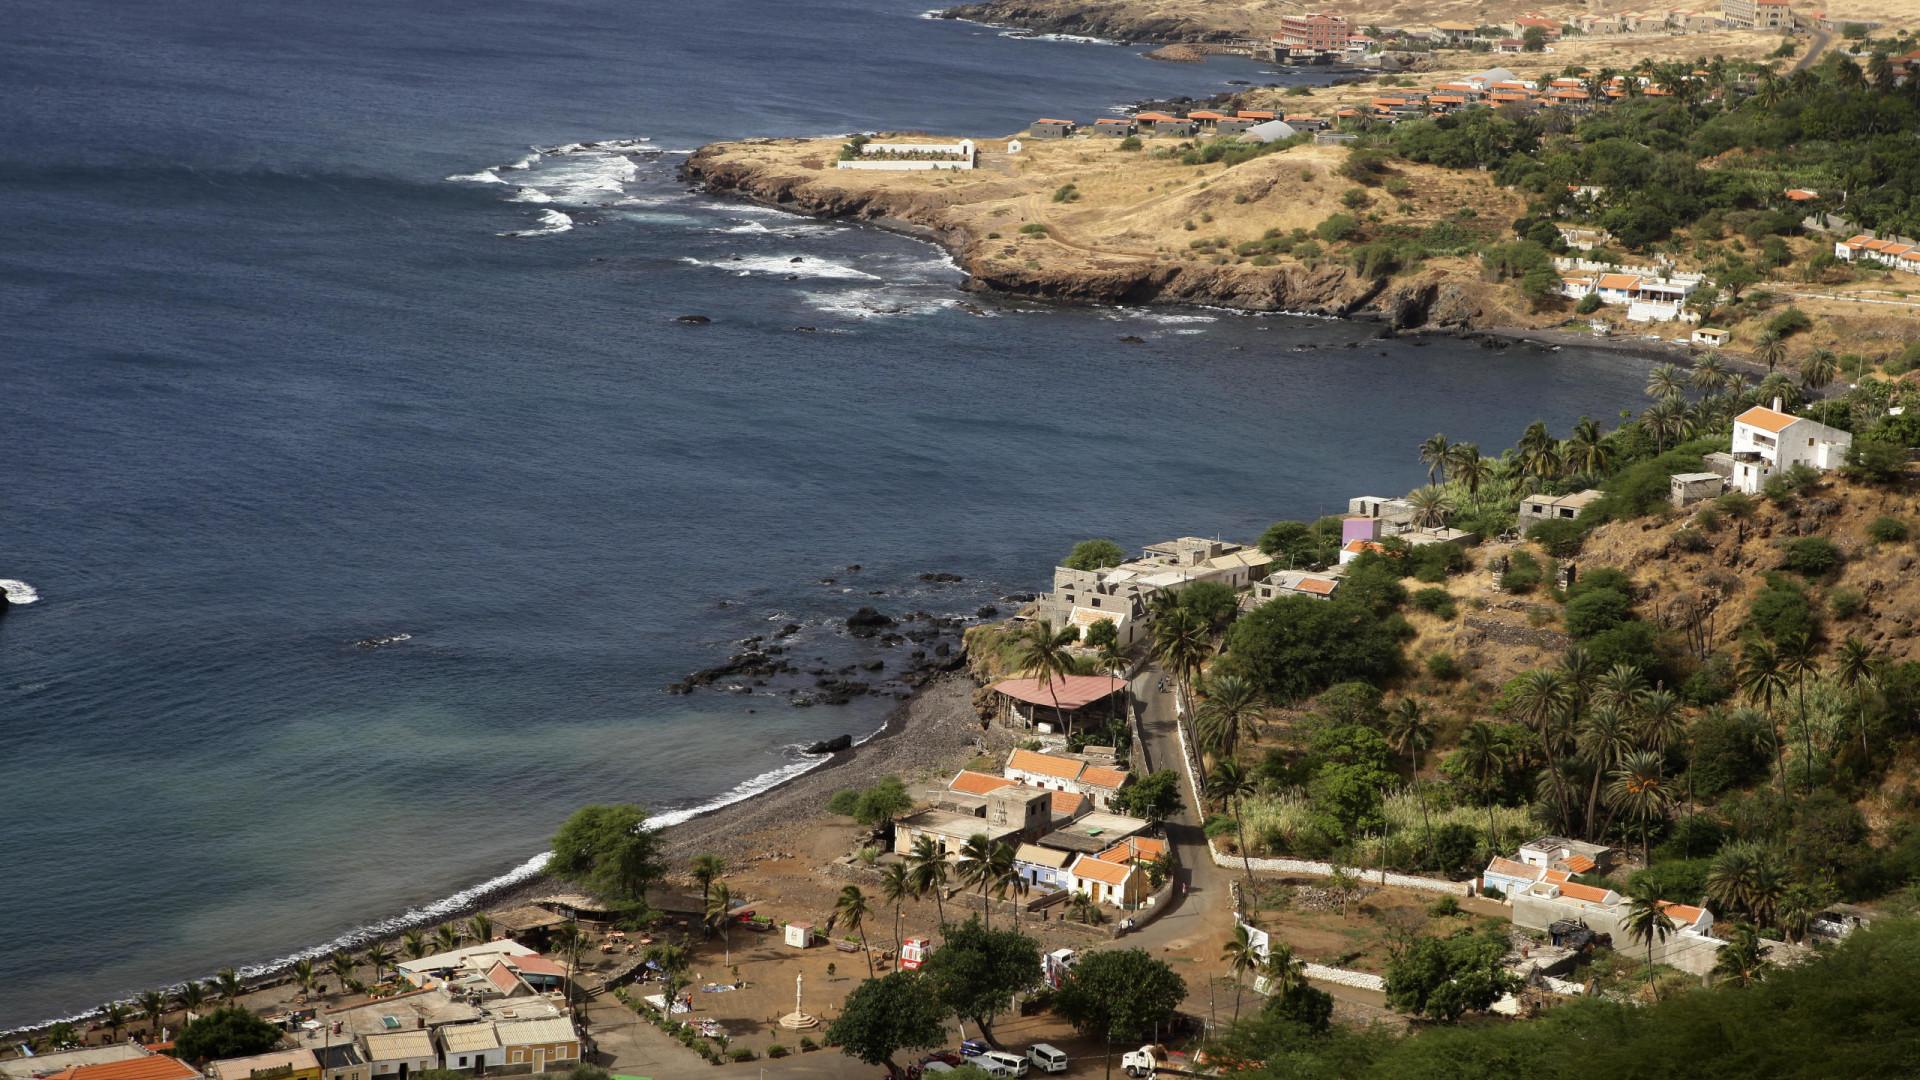 Mar destrói orla marítima na Cidade Velha e faz prejuízos de 90 mil euros